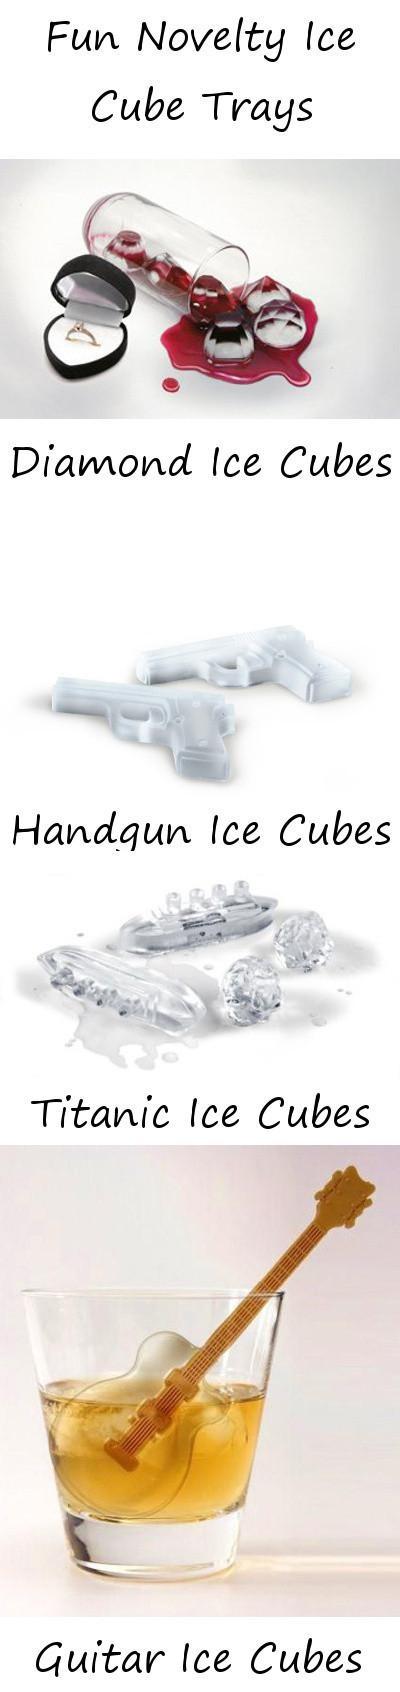 Fun Novelty Ice Cube Trays!